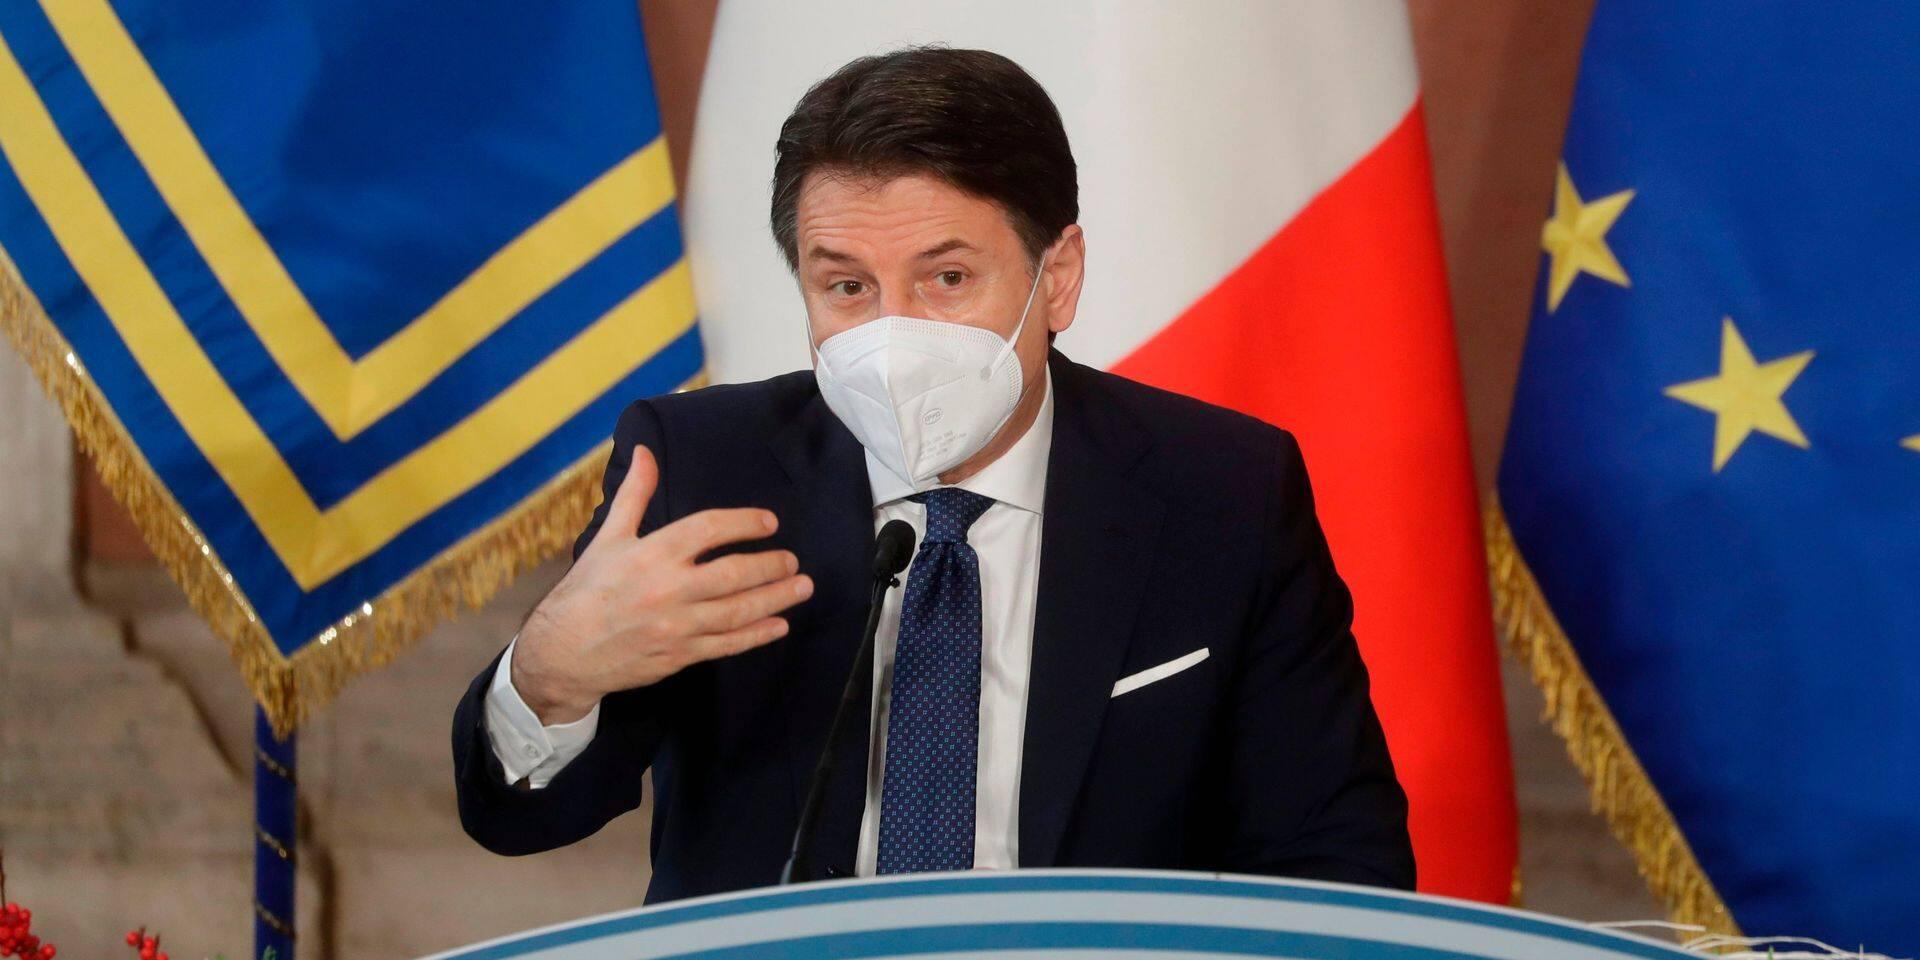 L'Italie en pleine crise politique après la démission de deux ministres